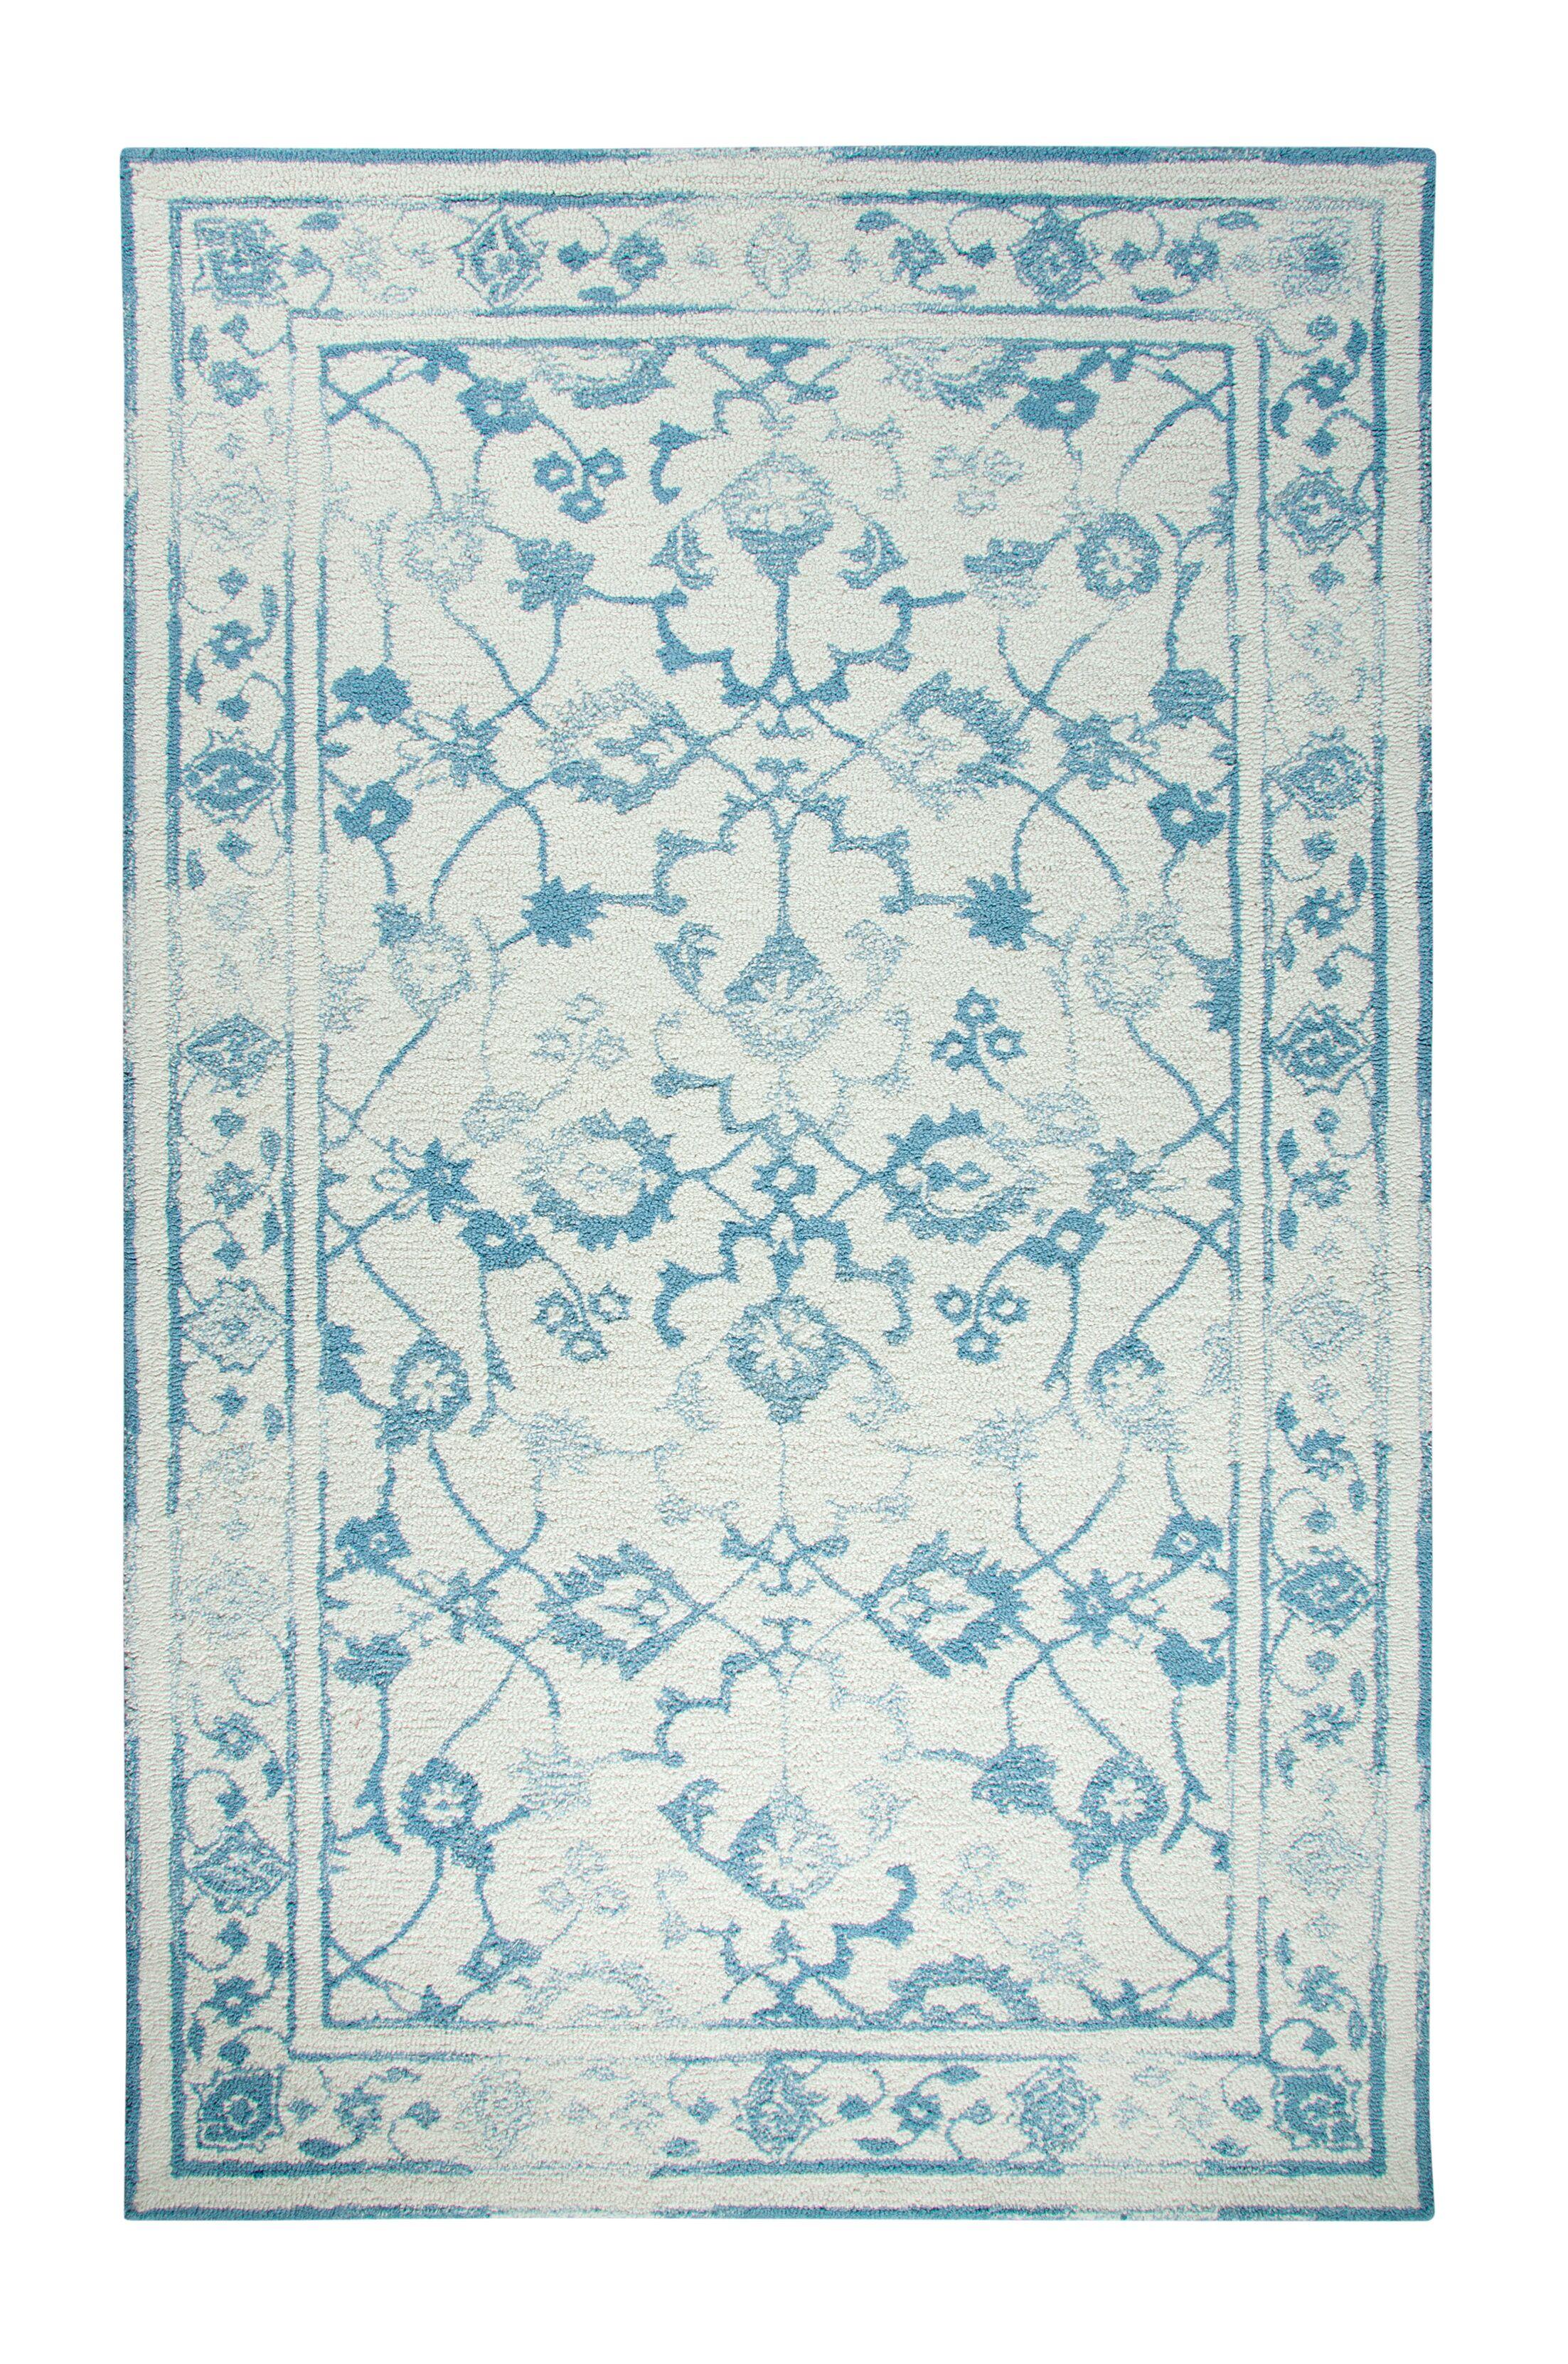 Montoya Ivory/Light Blue Area Rug Rug Size: Rectangle 2' x 4'